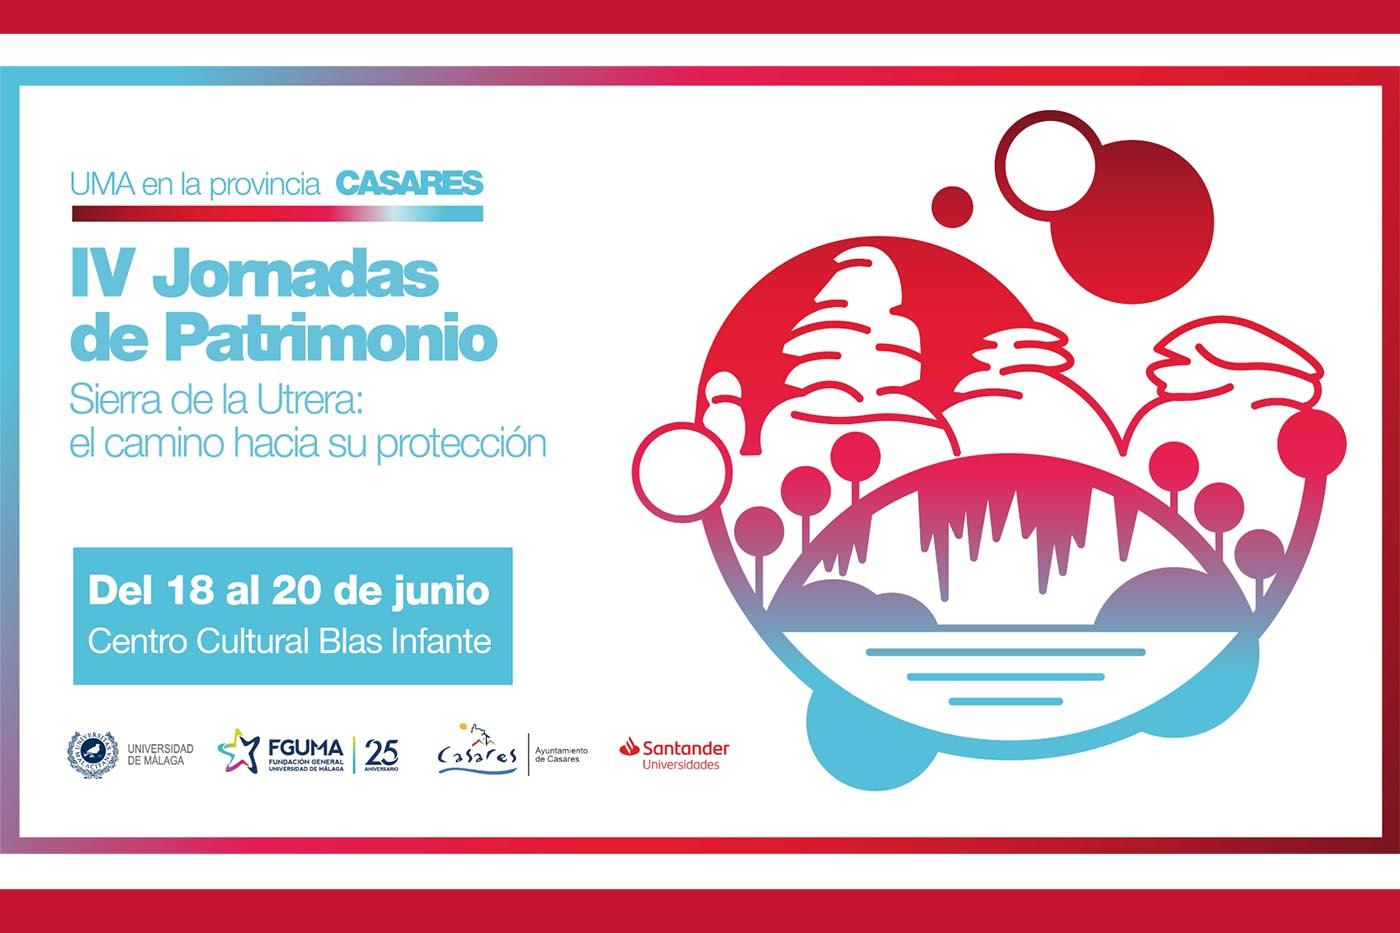 Jornadas FGUMA 2021 en Casares: la Sierra de la Utrera